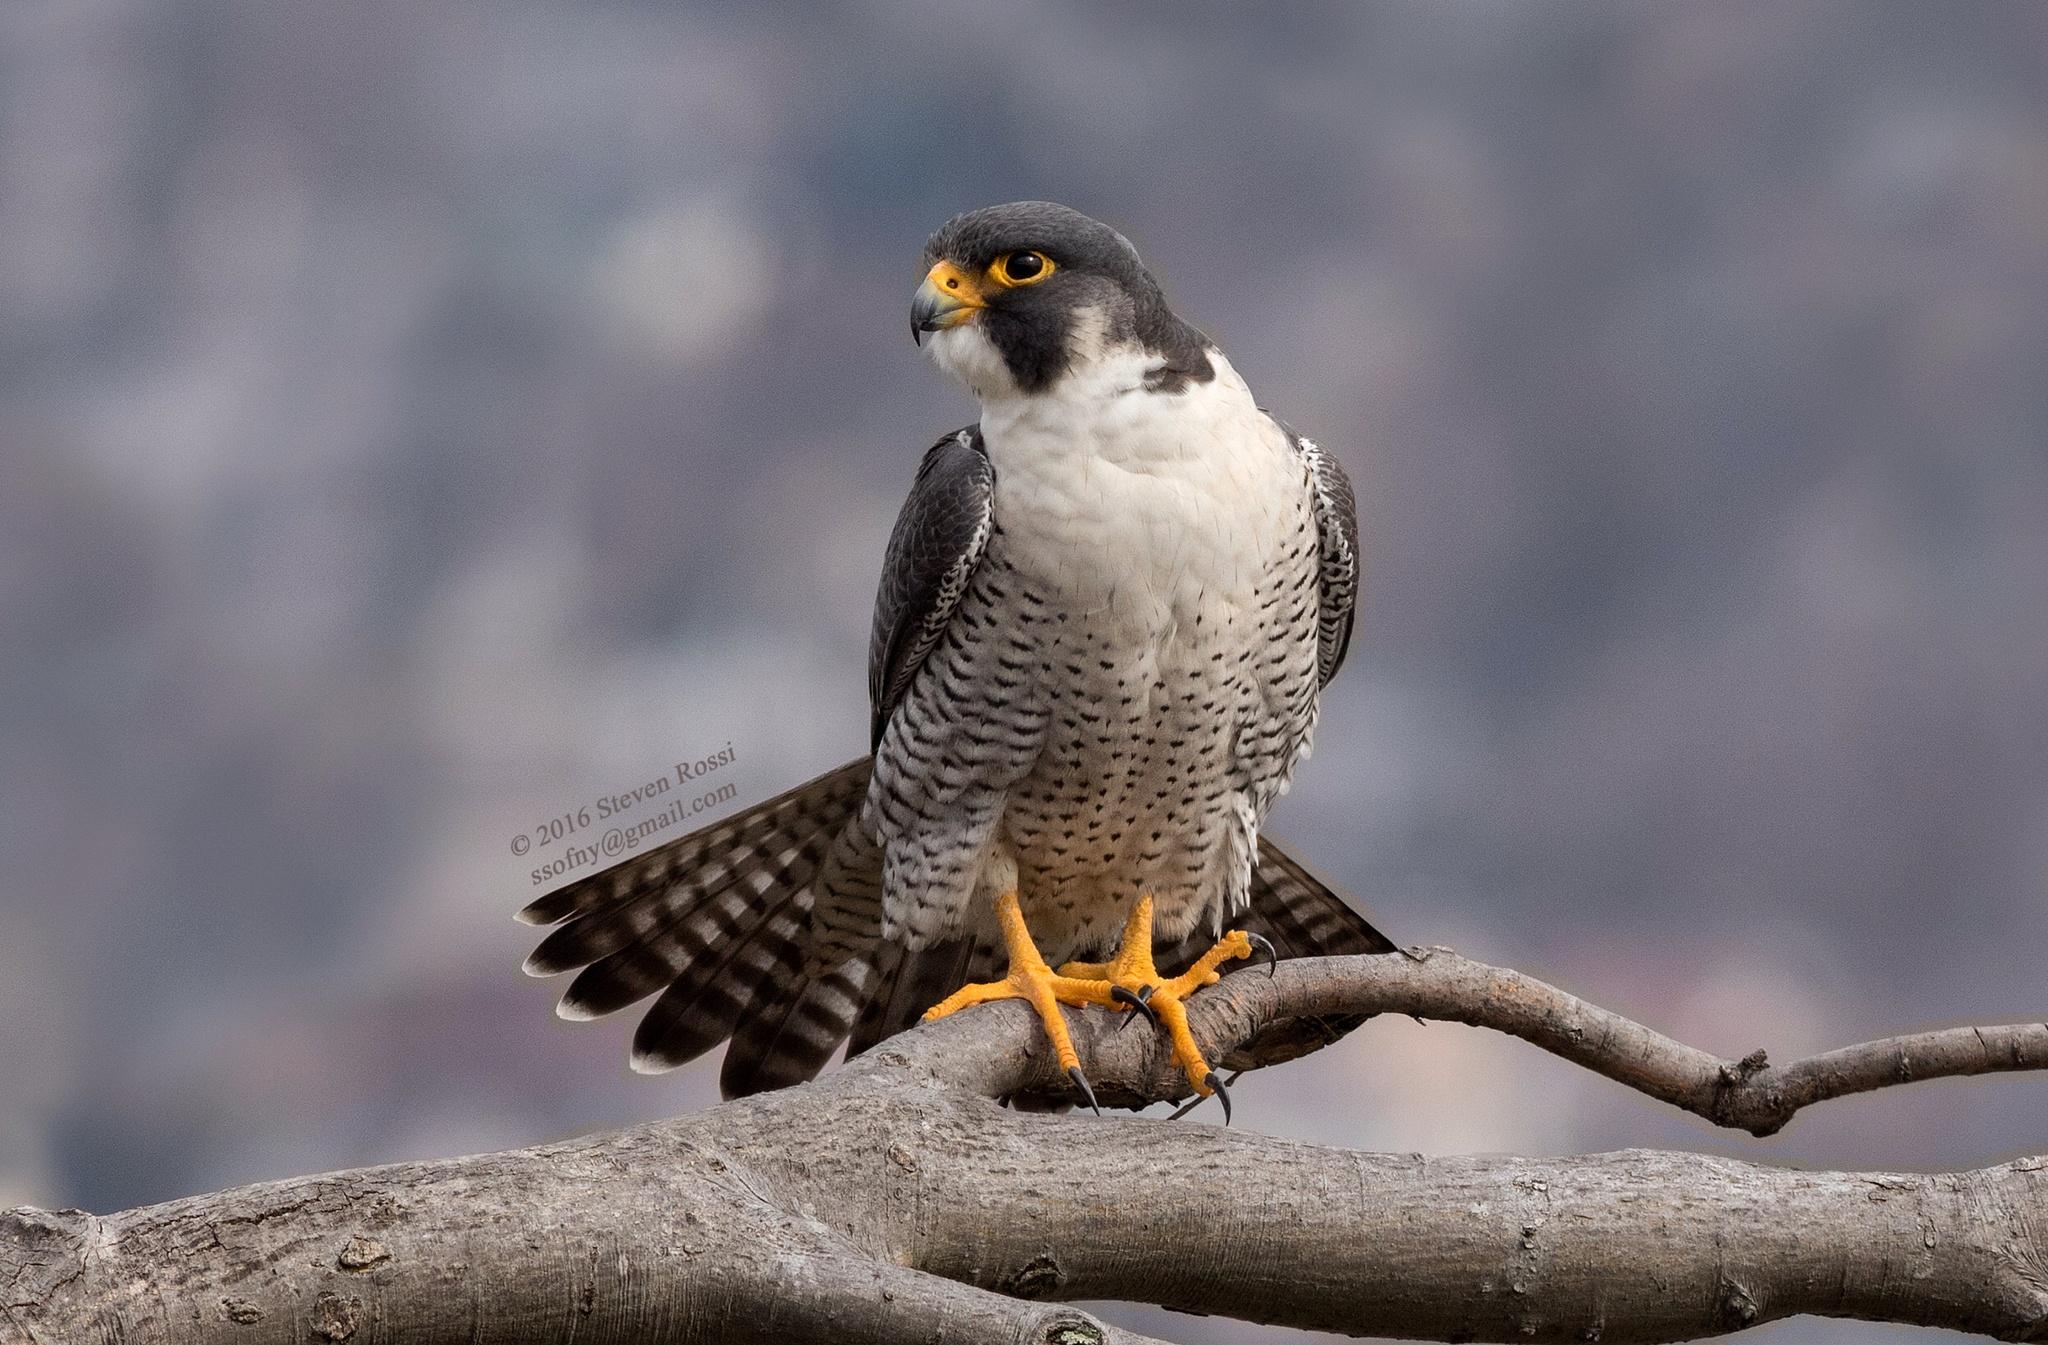 peregrine falcon by Steven Rossi